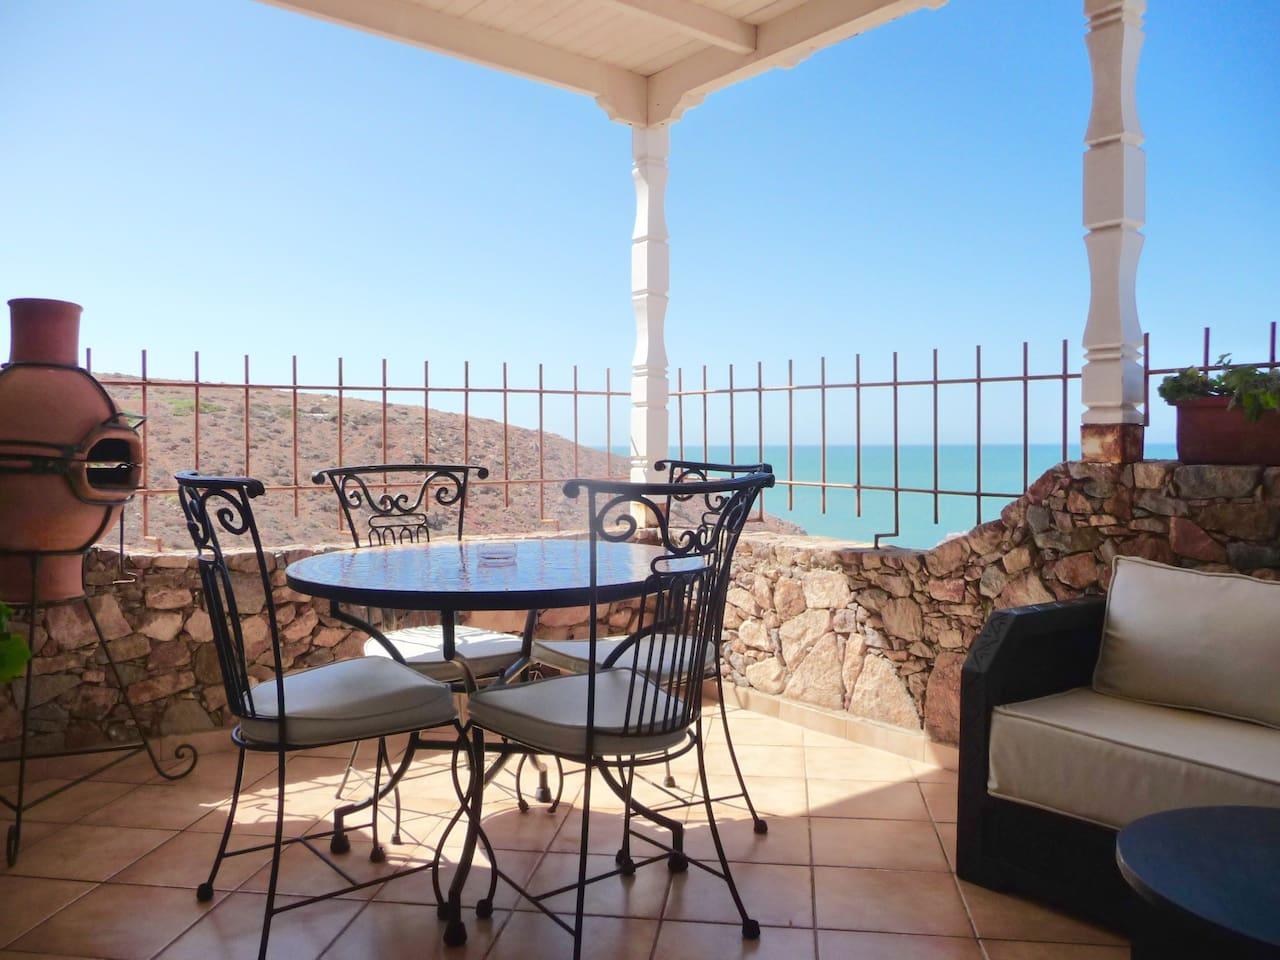 Votre terrasse de la mer / Your terrace by the sea